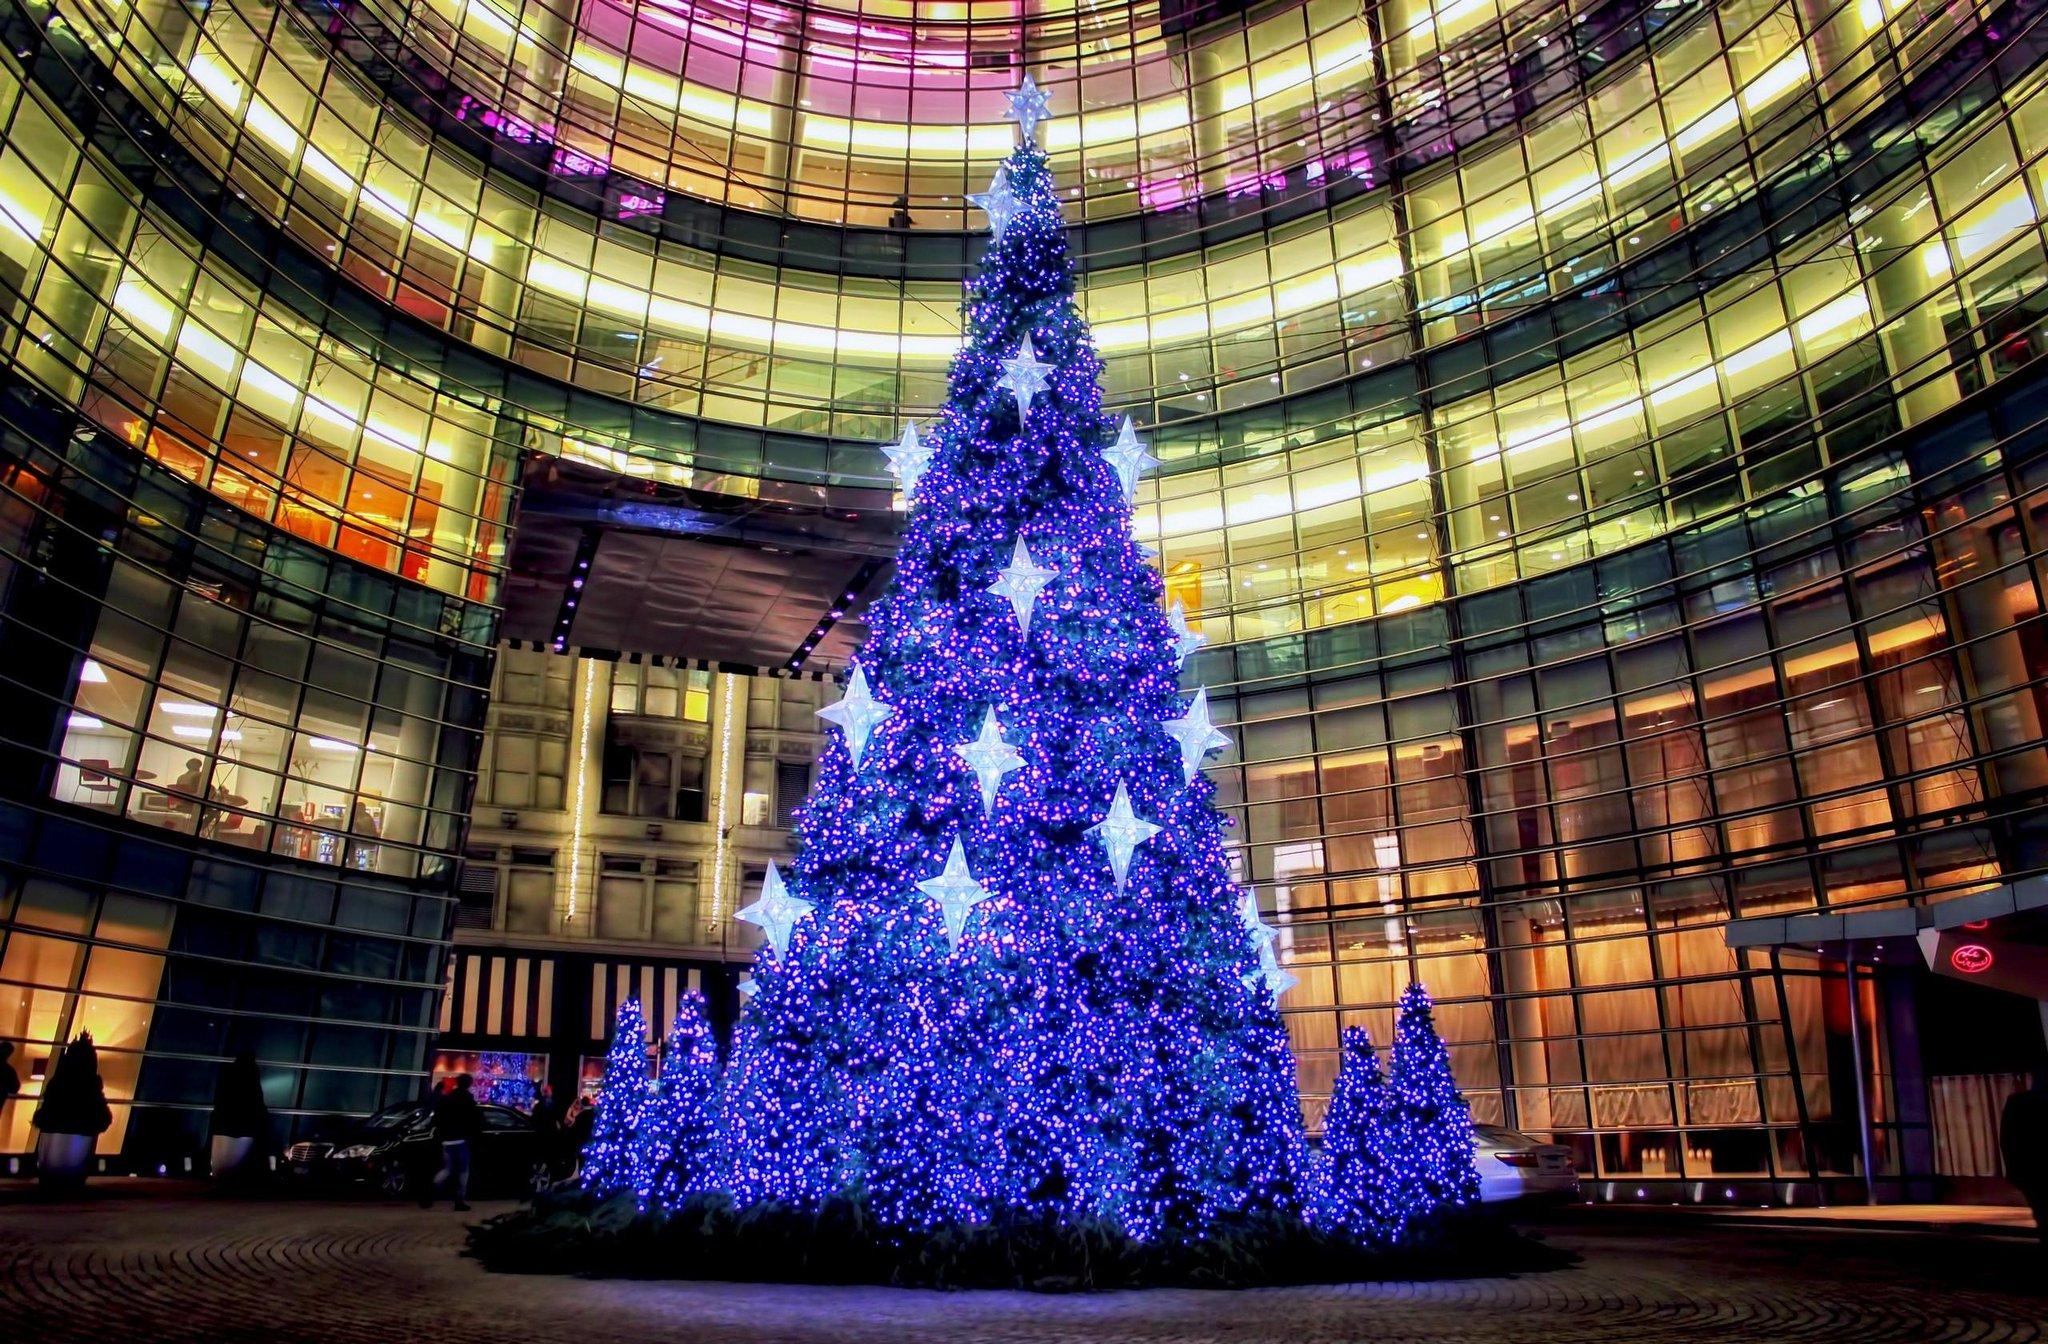 путаете картинки самые красивые елки на новый год хоть